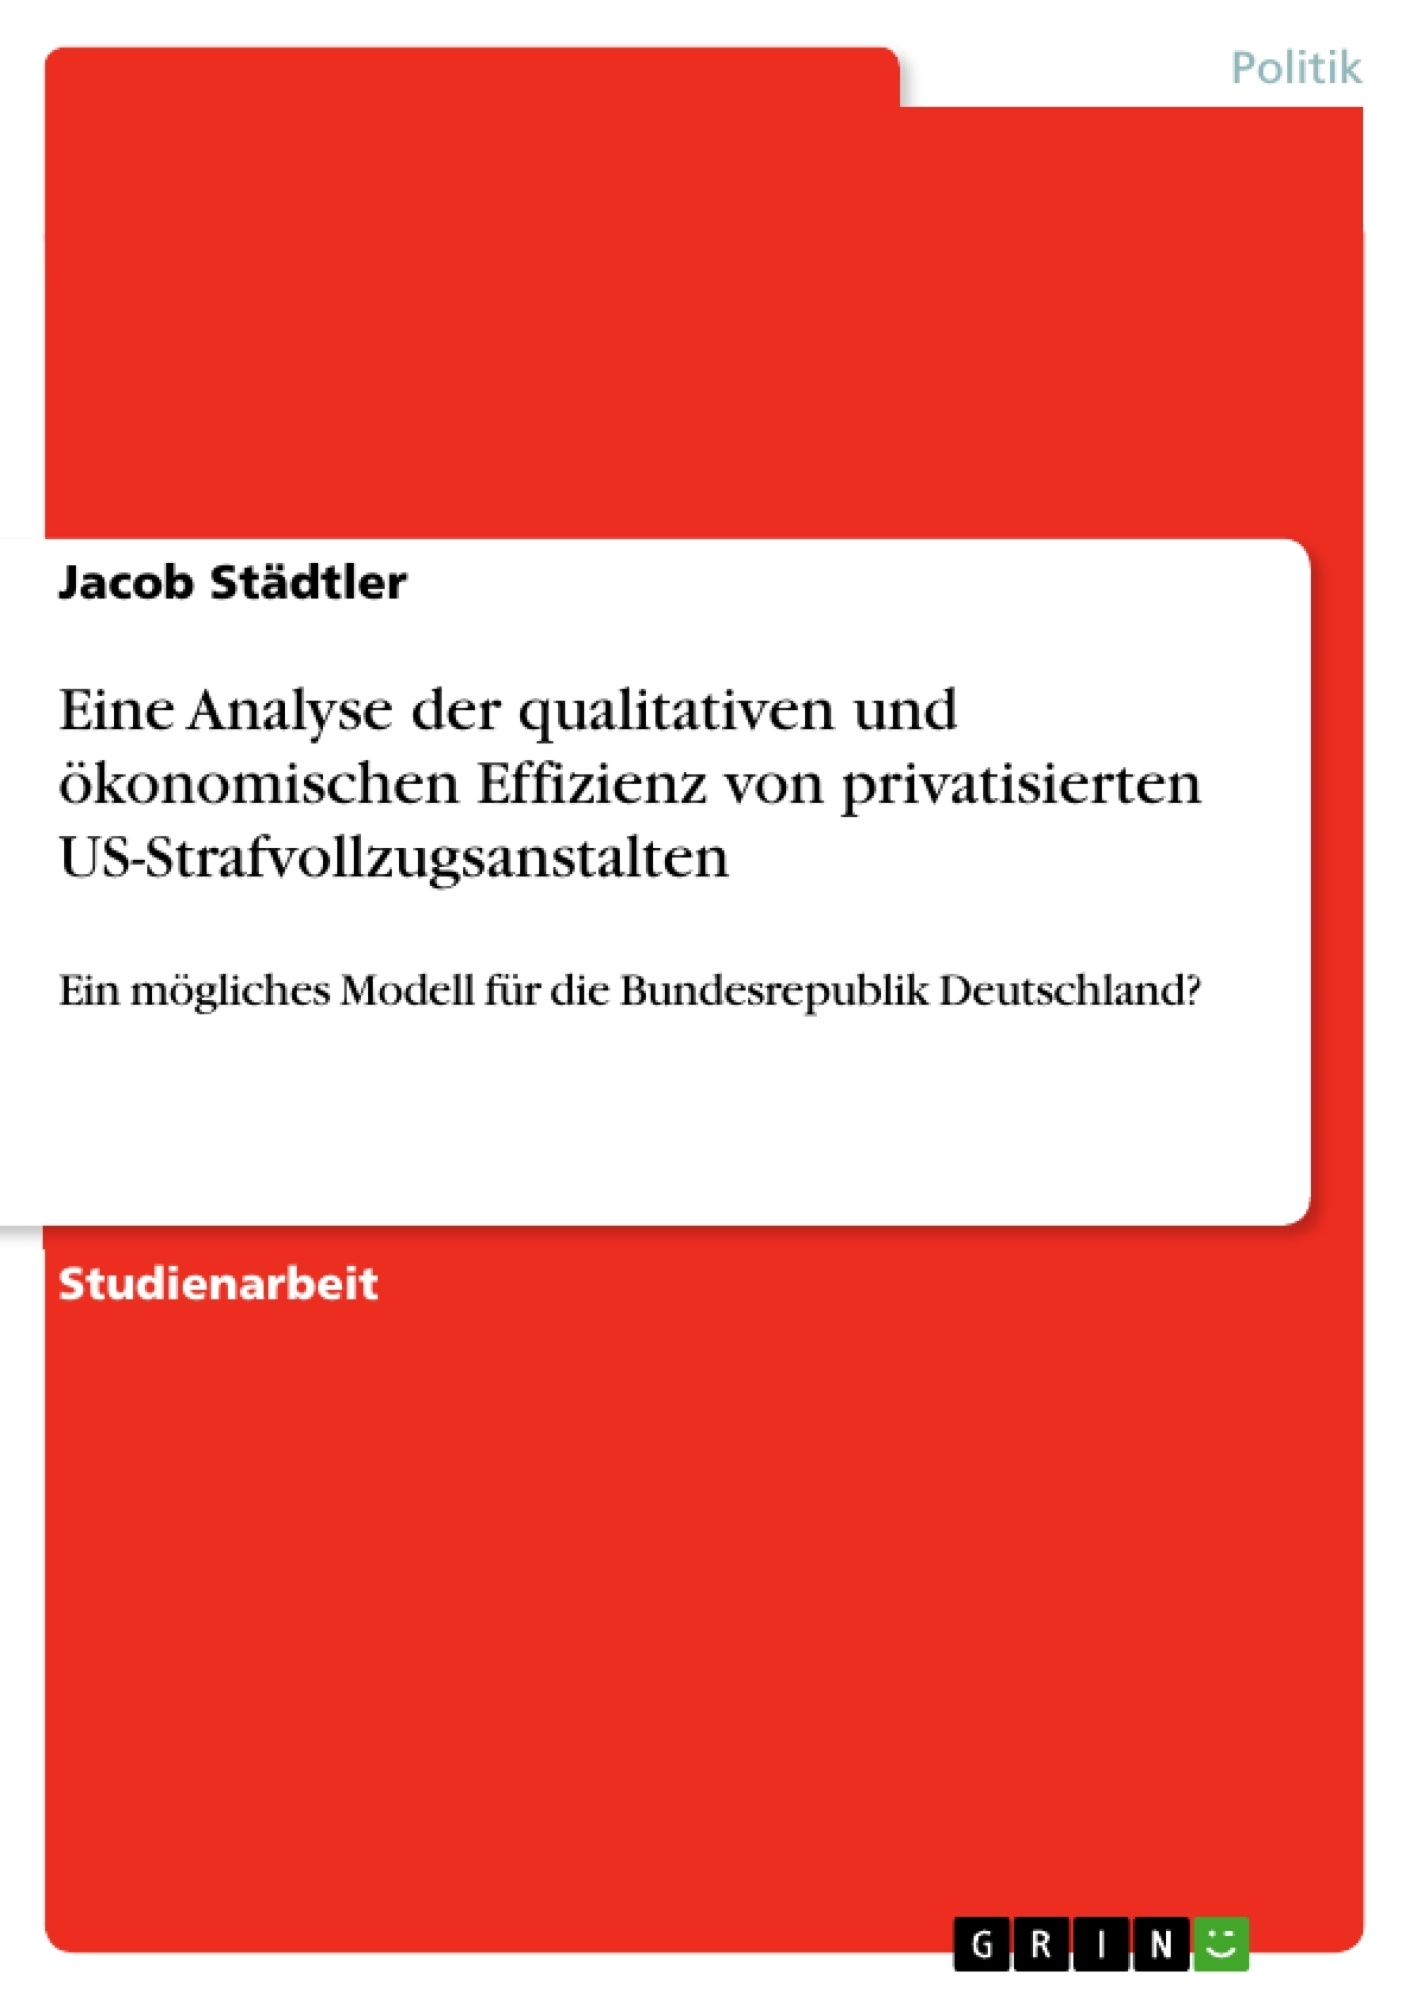 Titel: Eine Analyse der qualitativen und ökonomischen Effizienz von privatisierten US-Strafvollzugsanstalten